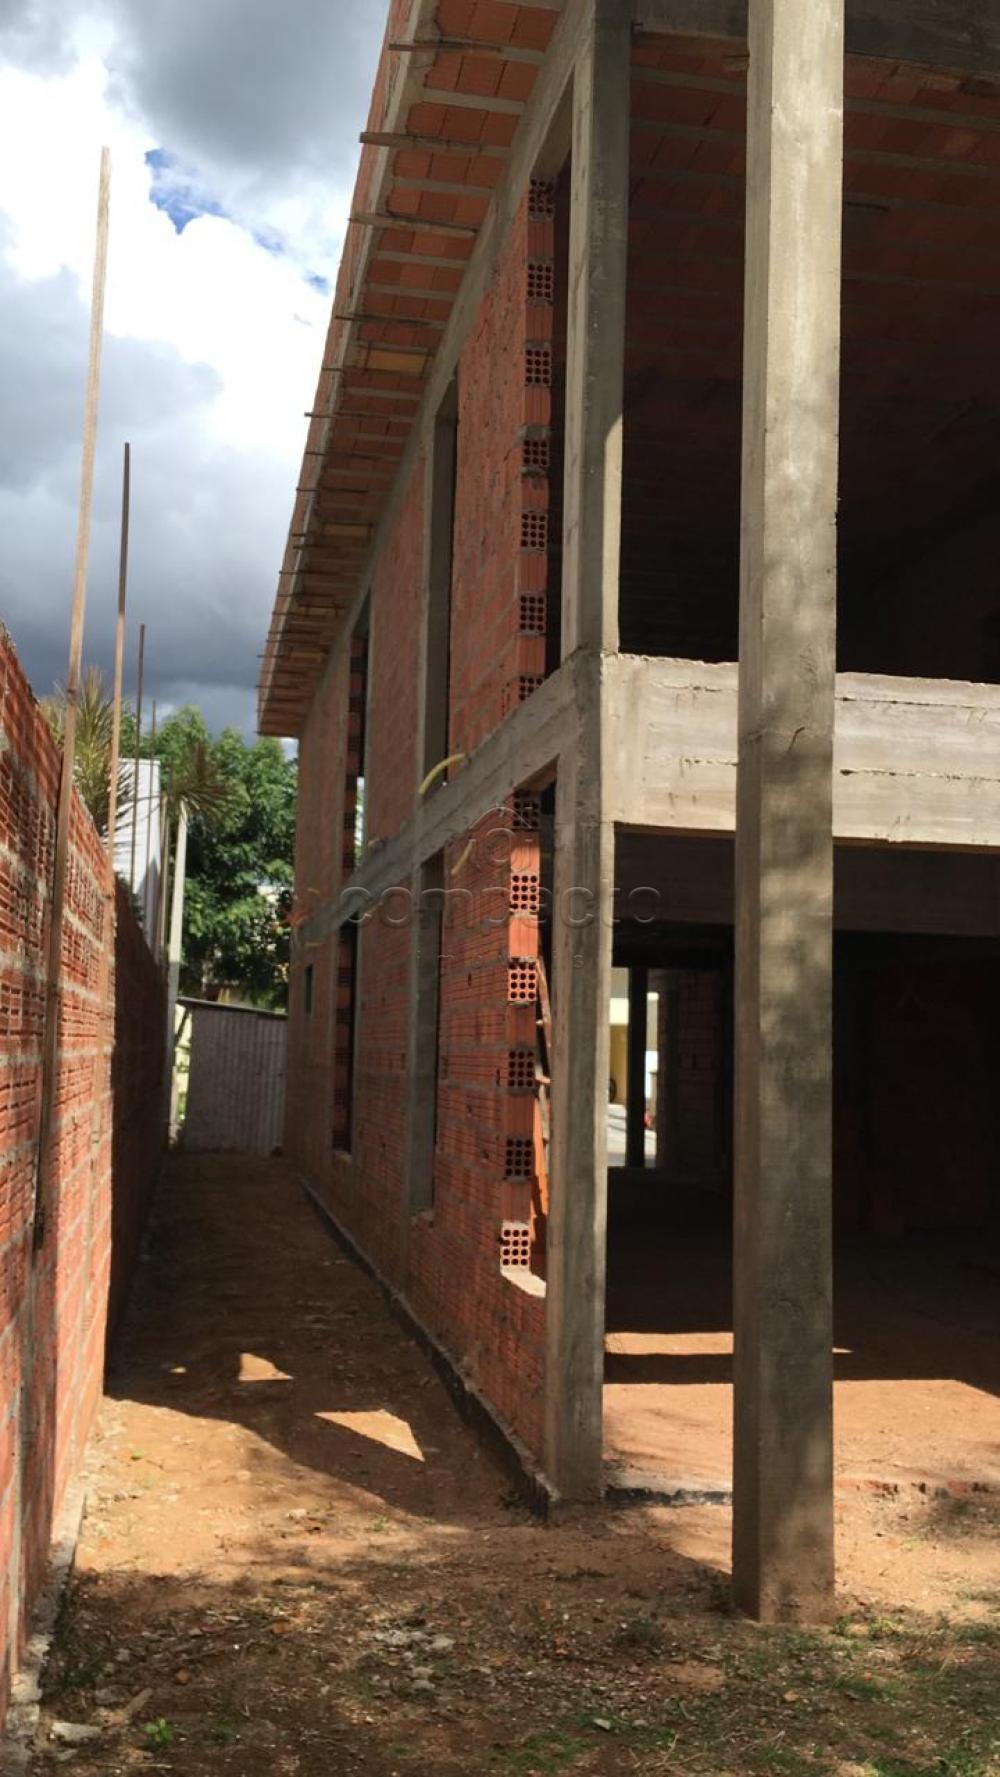 Comprar Casa / Condomínio em São Carlos apenas R$ 950.000,00 - Foto 6